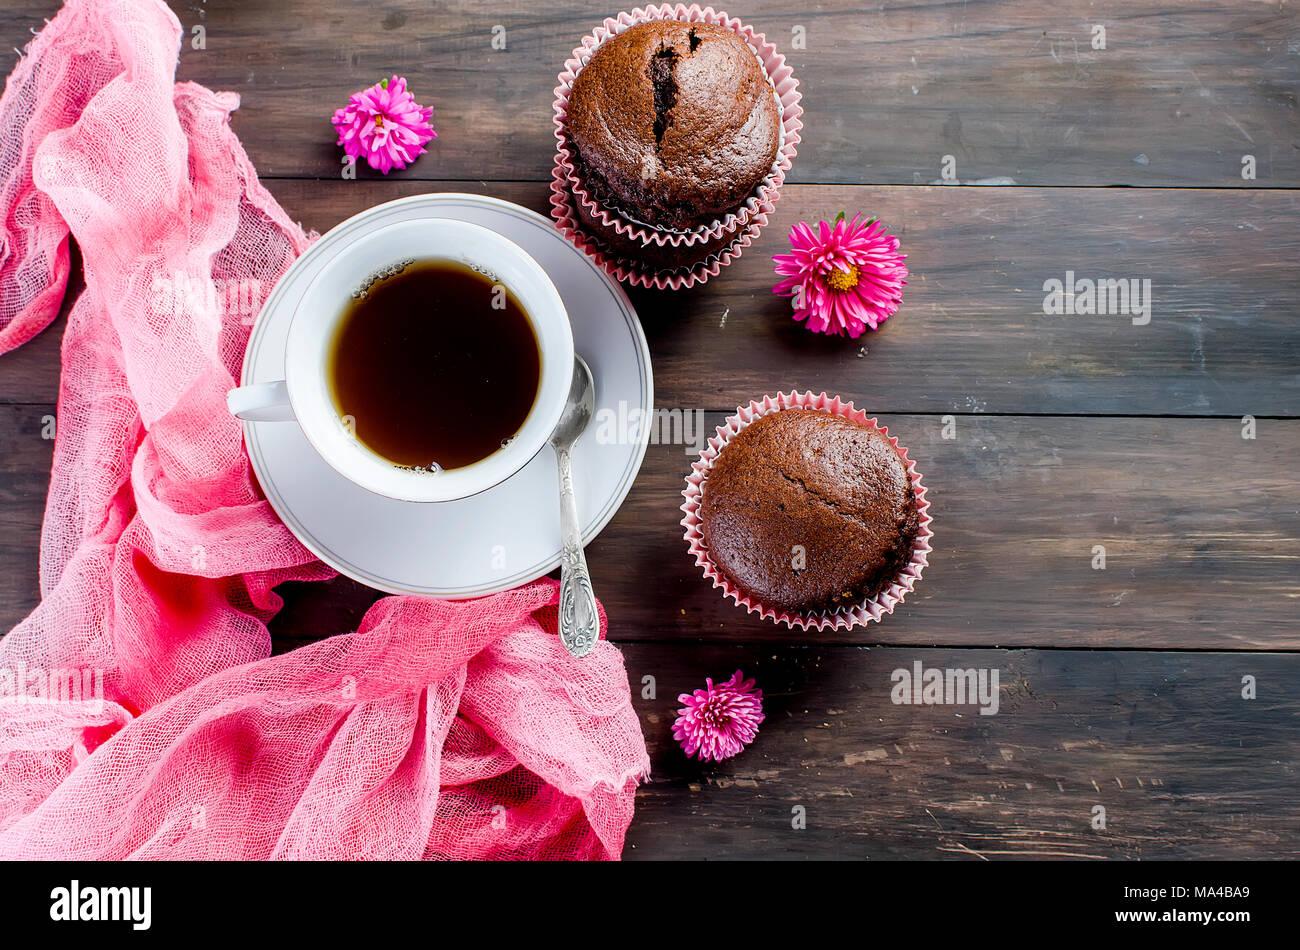 Chocolate Muffins und eine Tasse Kaffee Frühstück noch Leben auf einem dunklen Holztisch. Platz kopieren, Ansicht von oben. Stockbild